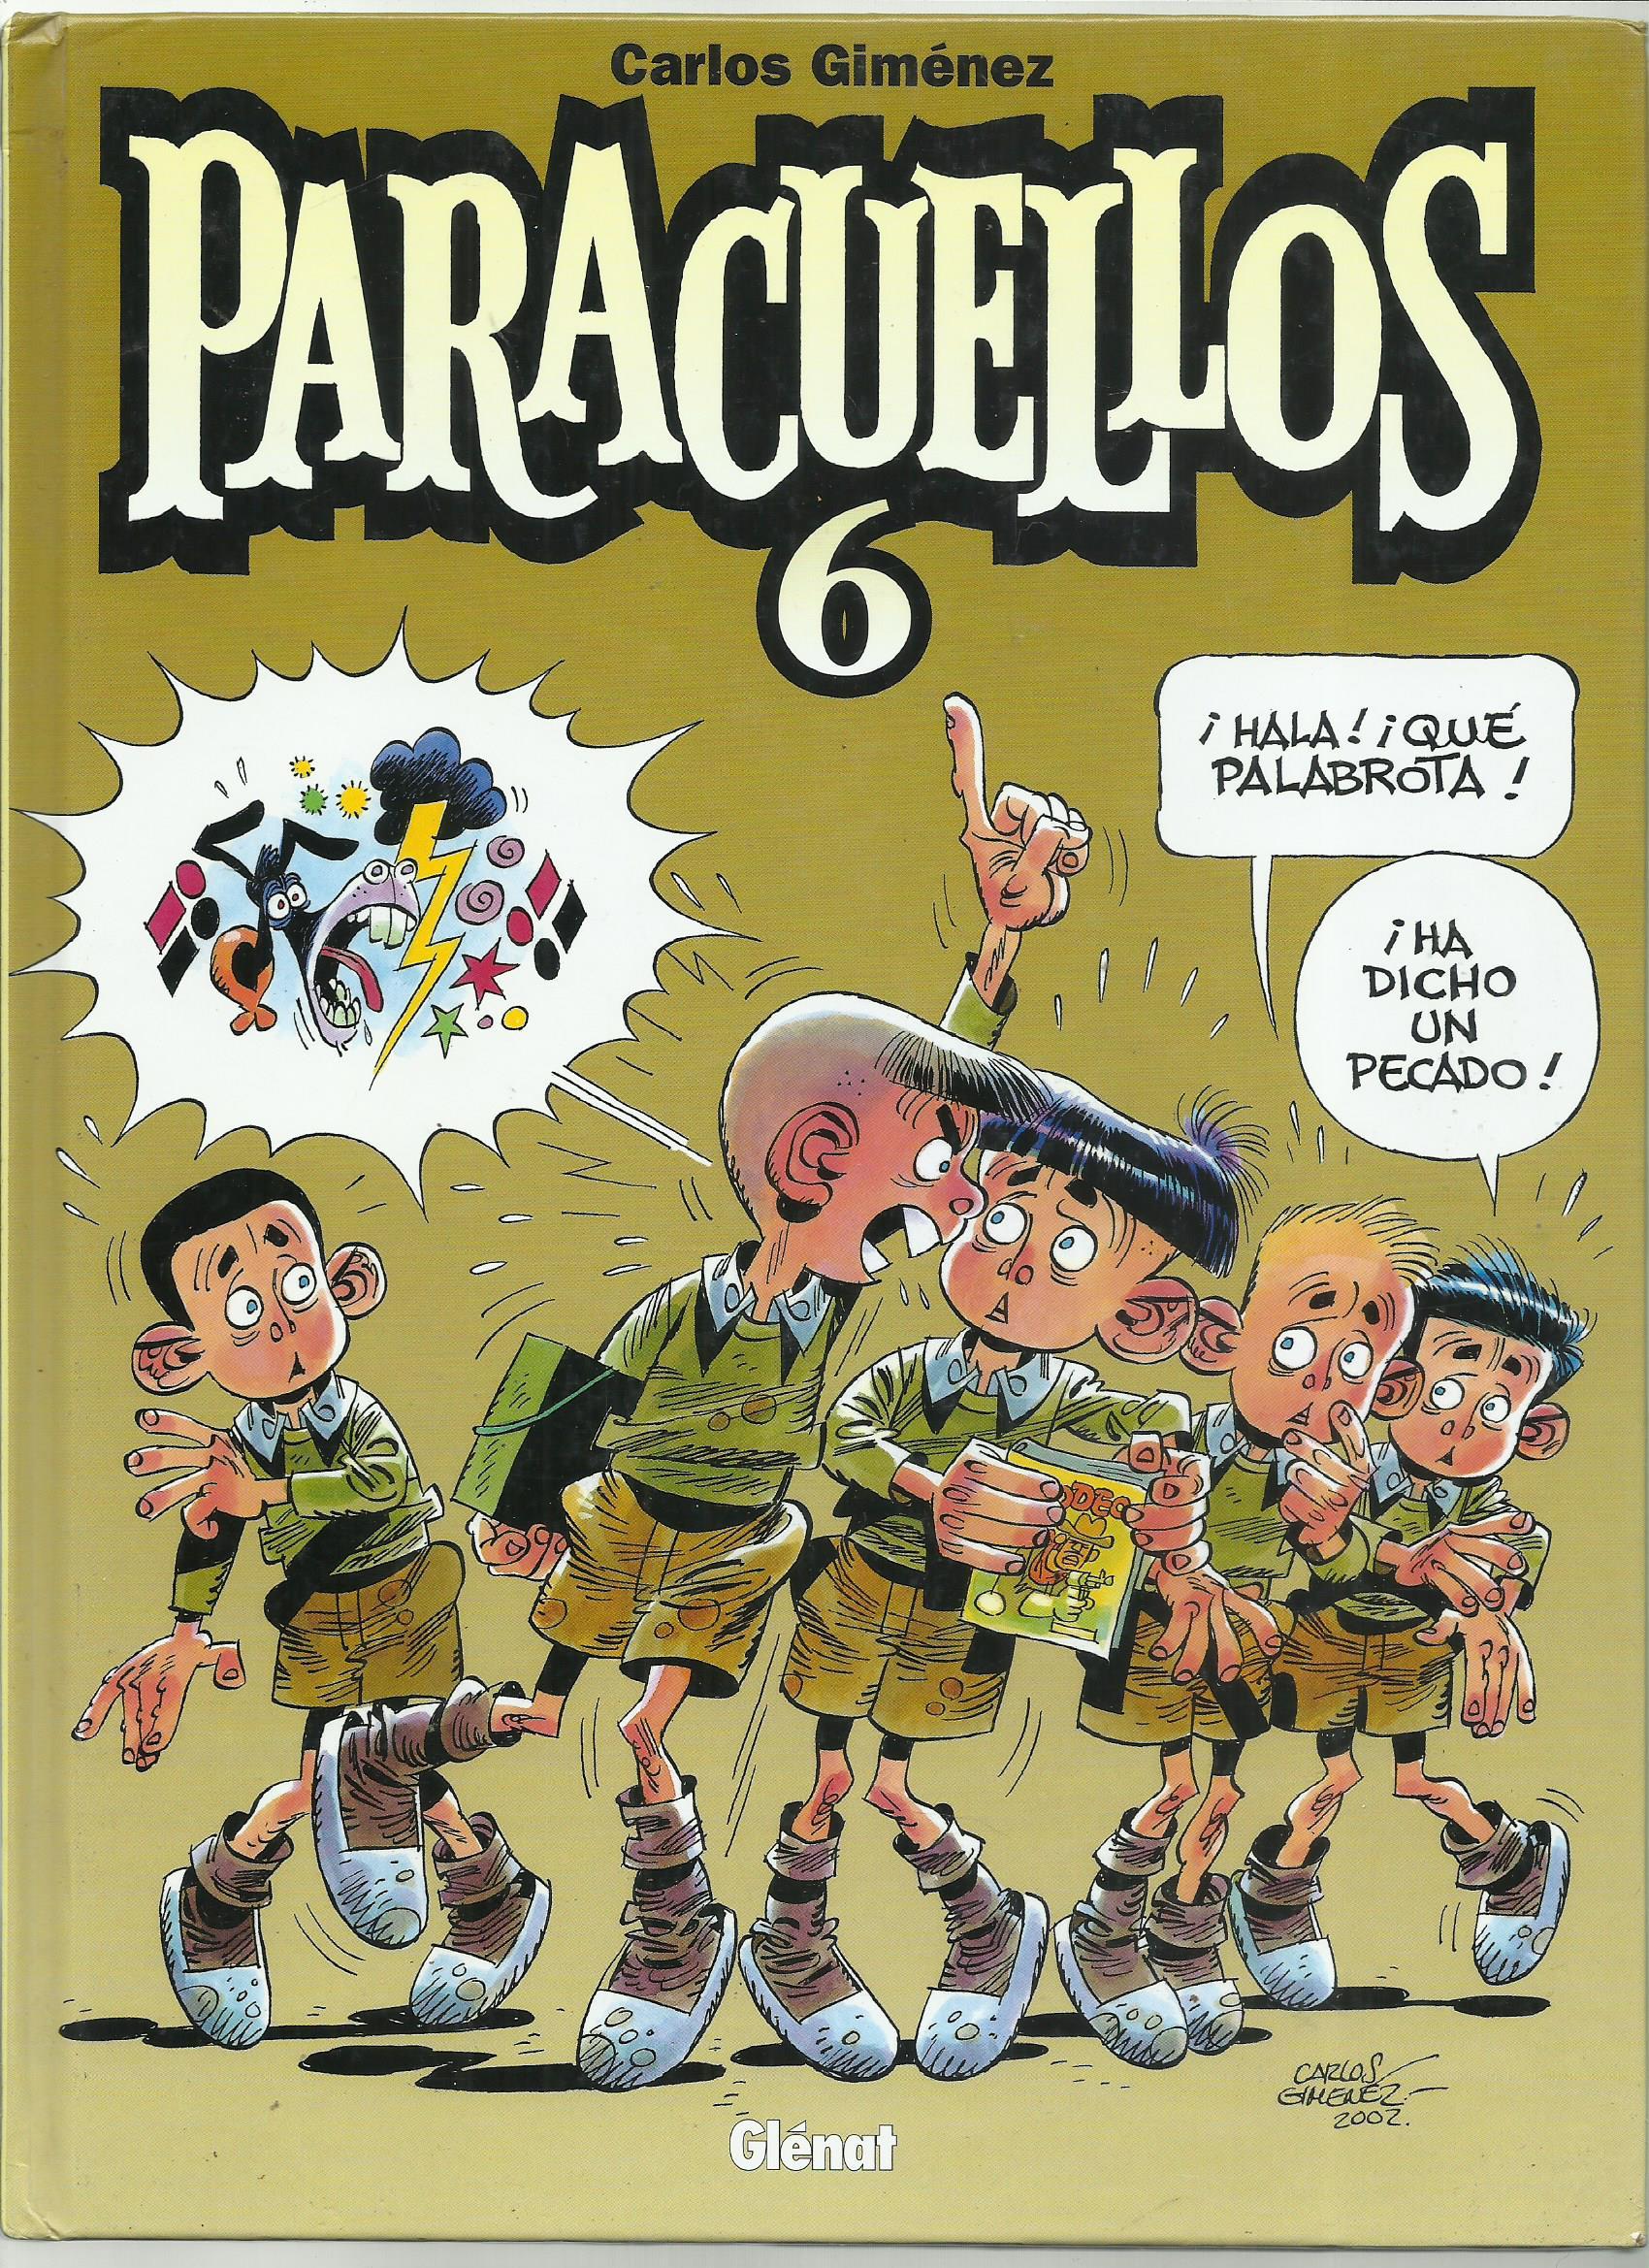 paracuellos 6